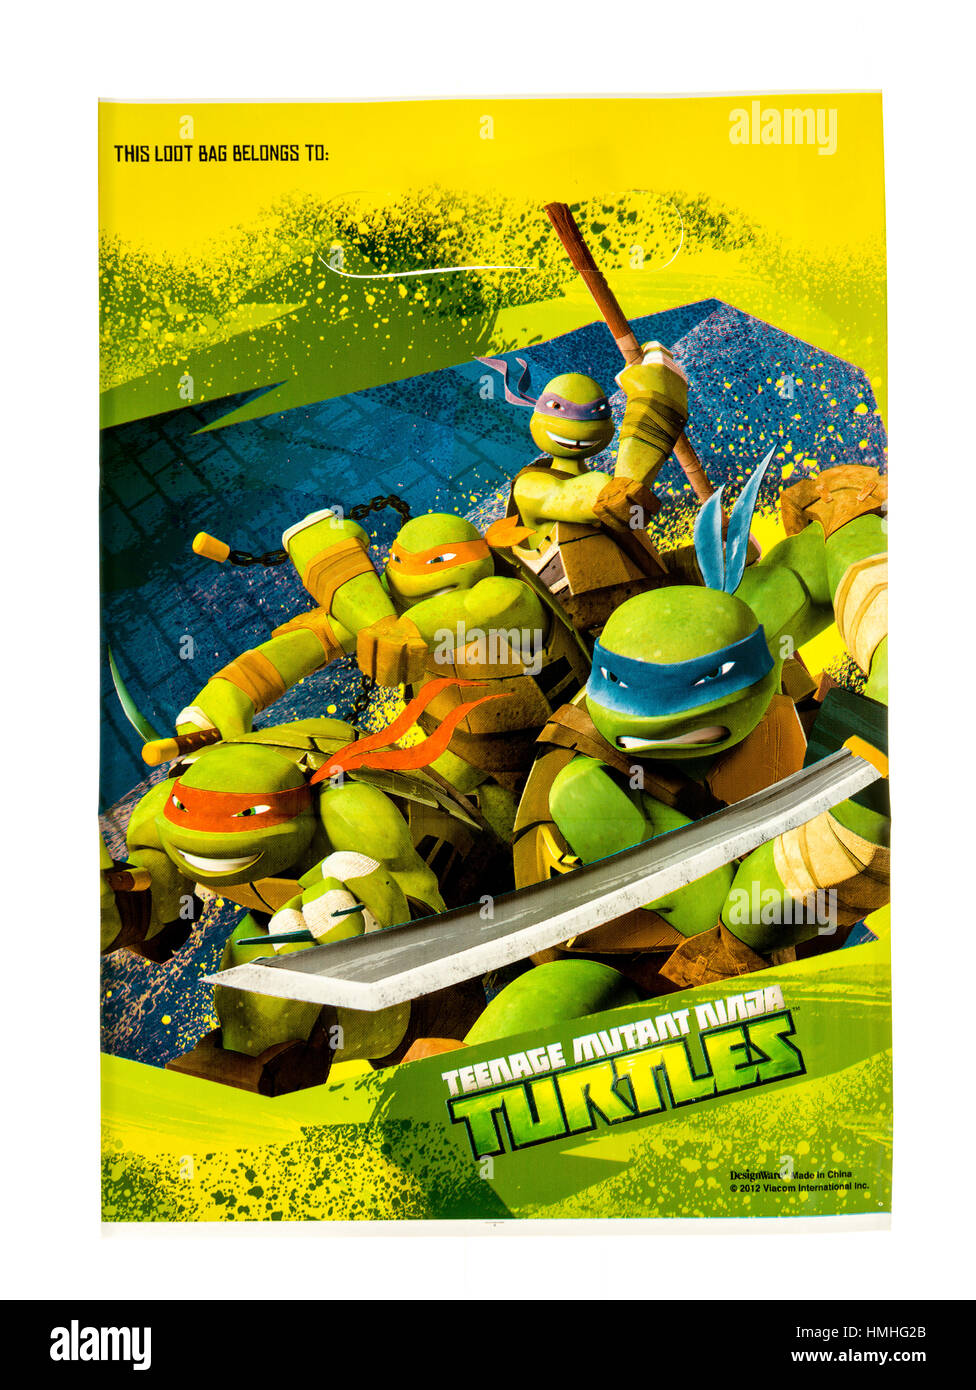 Winneconne, WI -29 January 2017:   Teenage Mutant Ninja Turtles loot bag on an isolated background. - Stock Image